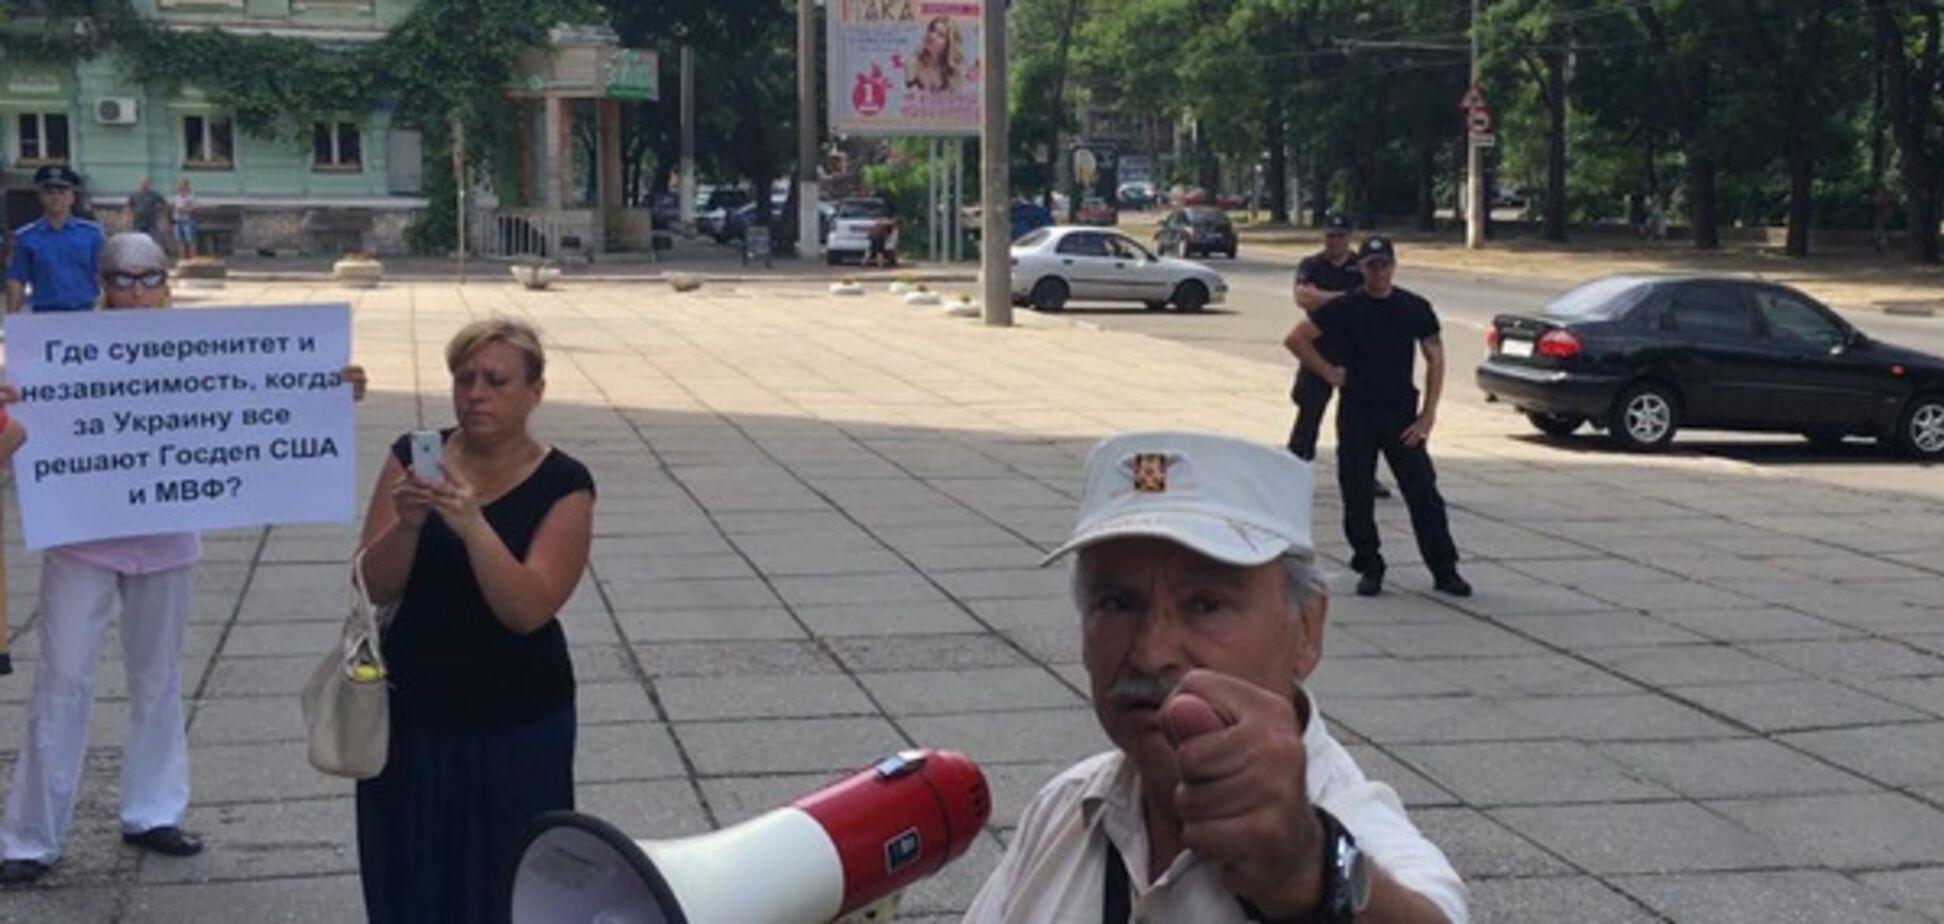 Сепаратист в Одесі